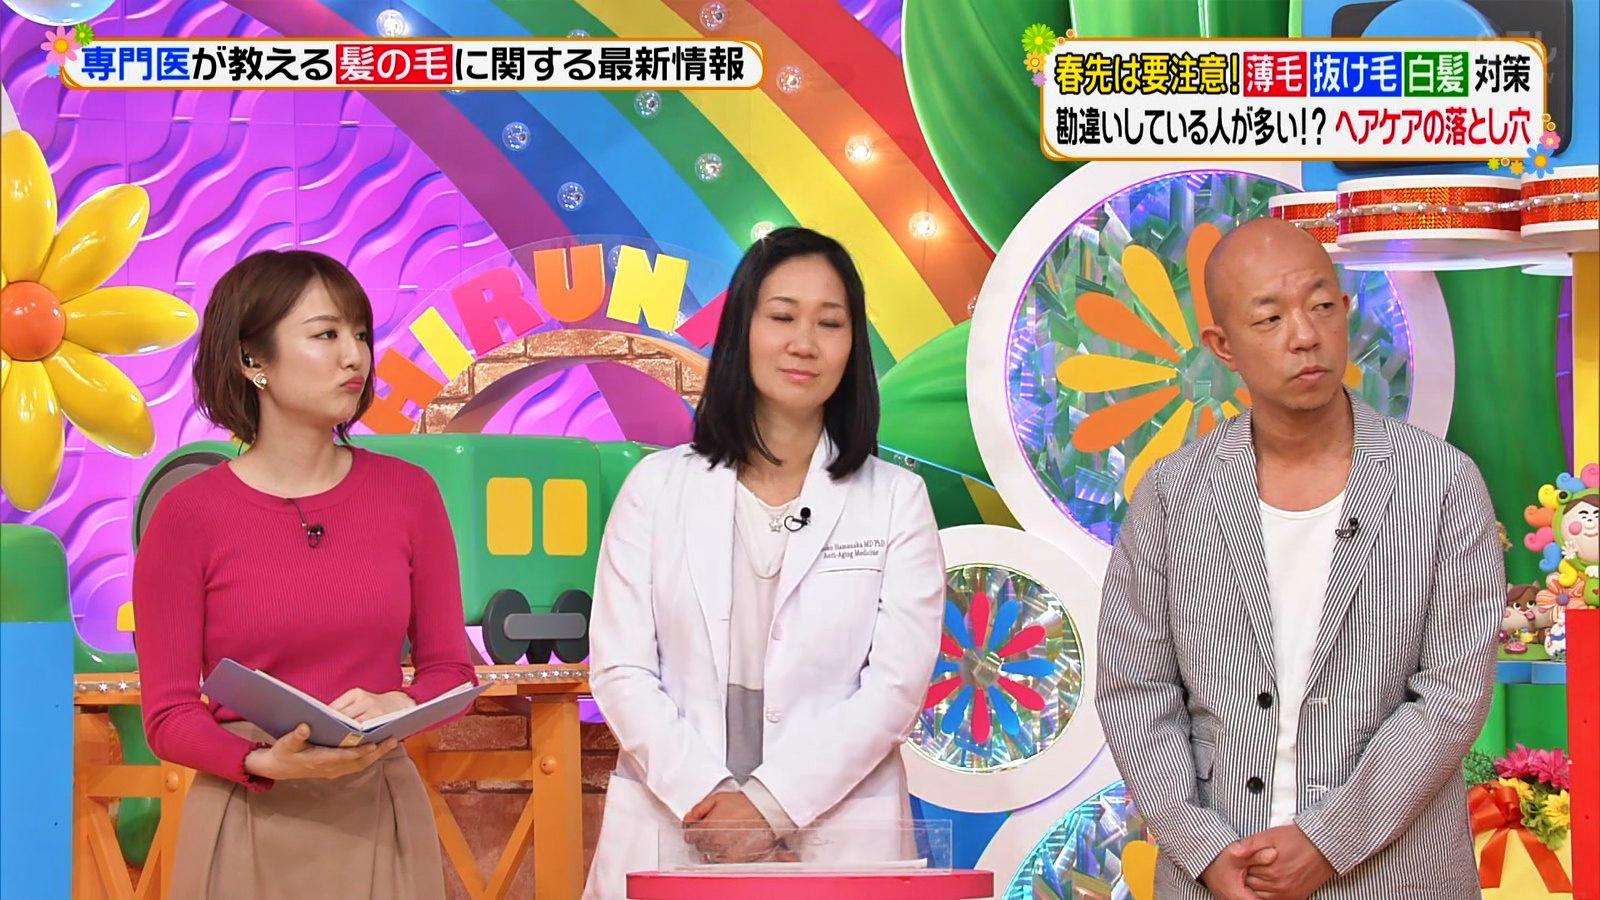 2019年3月18日「ヒルナンデス!」滝菜月さんのテレビキャプチャー画像-038